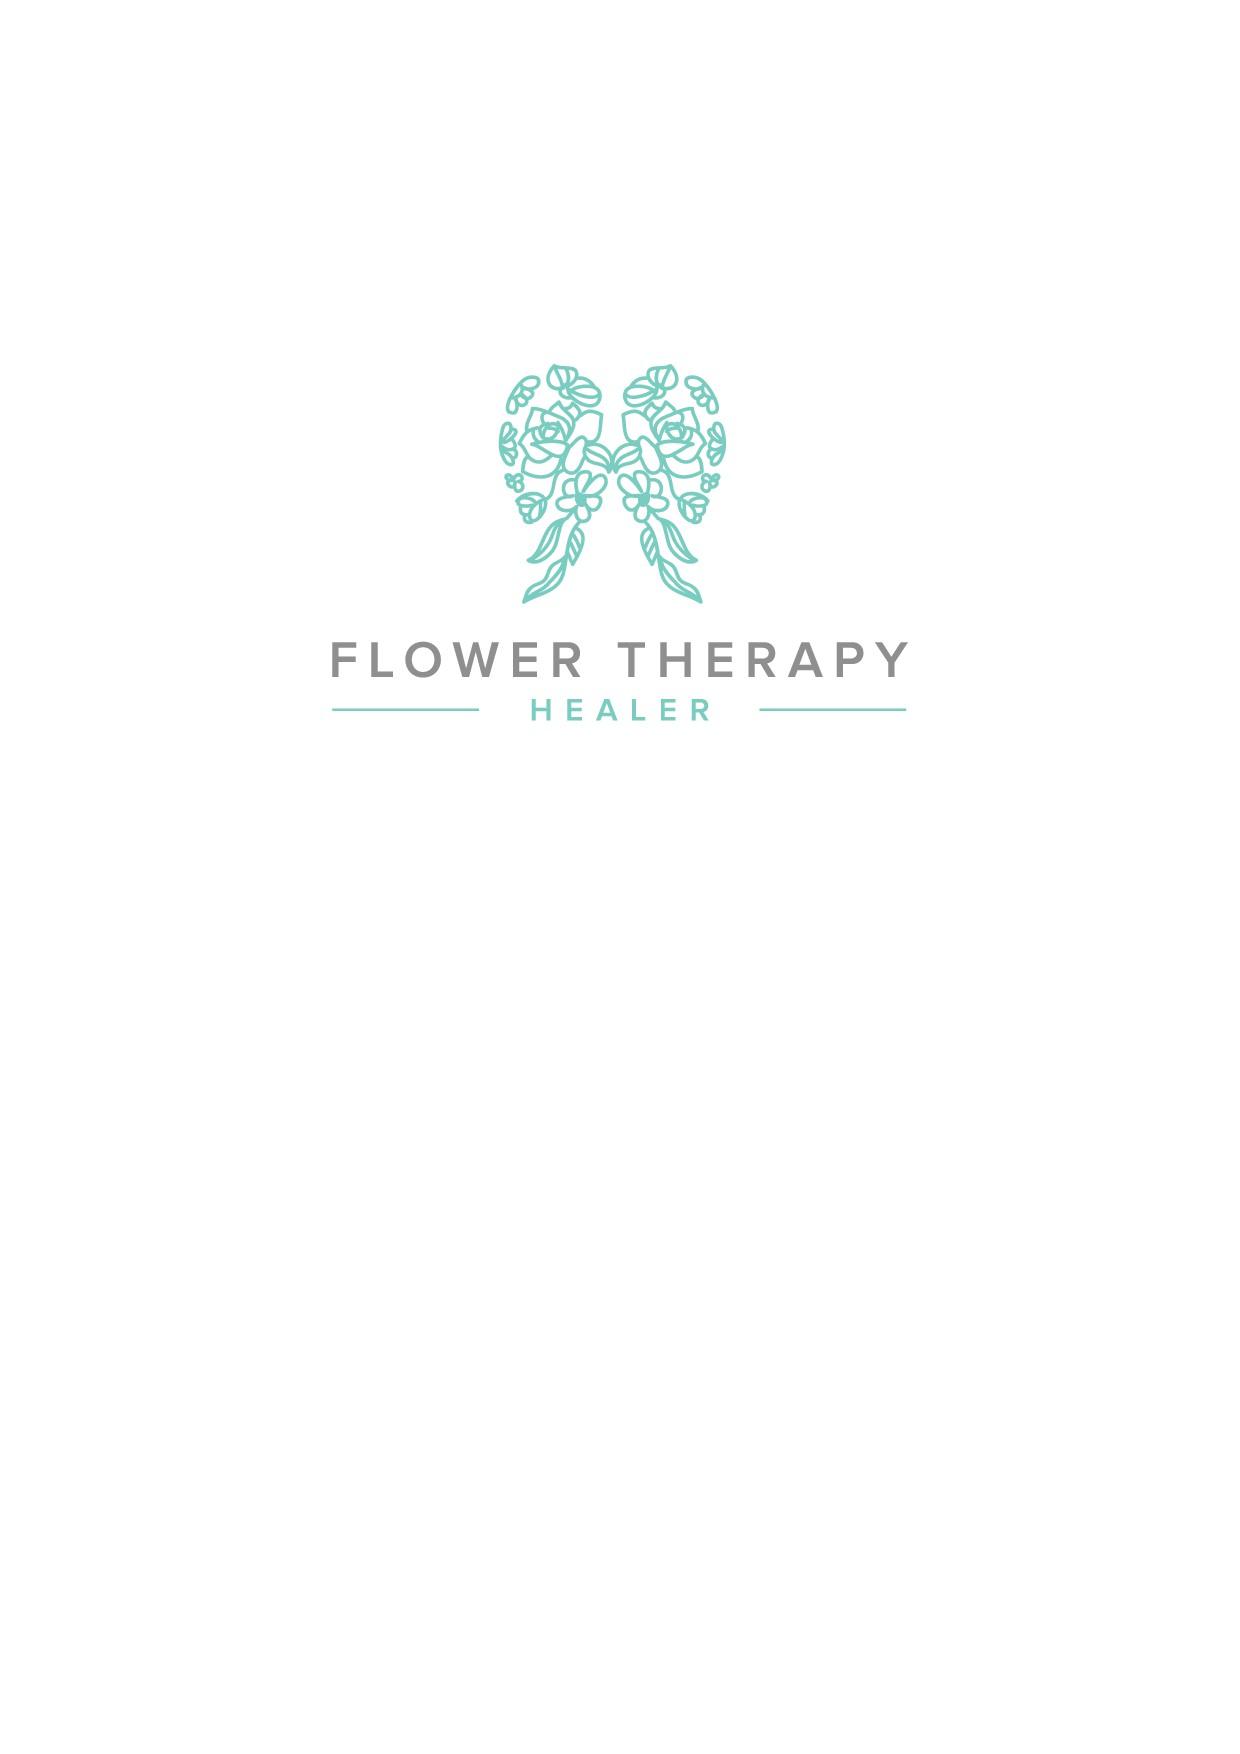 Spiritual, flower healing method logo design